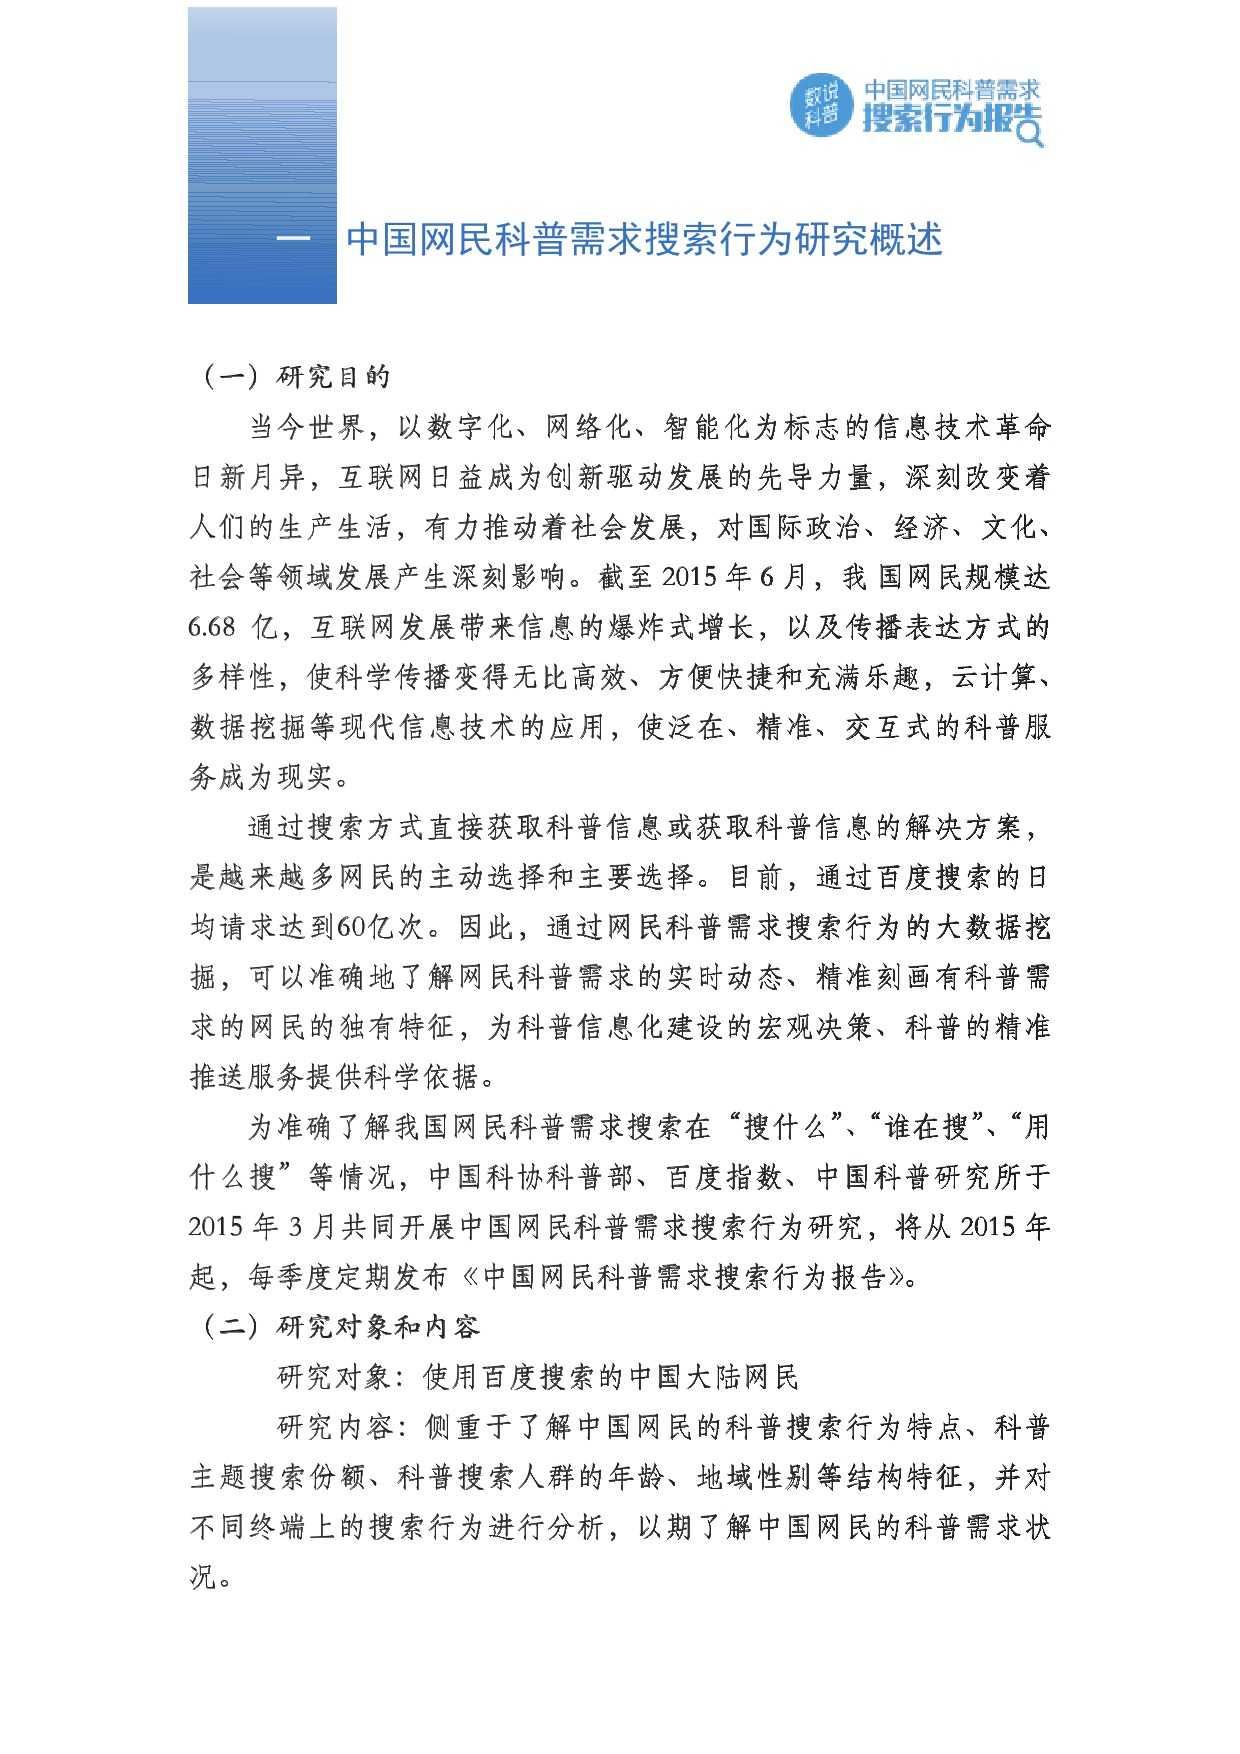 百度:2015年Q2中国网民科普需求搜索行为报告_000003